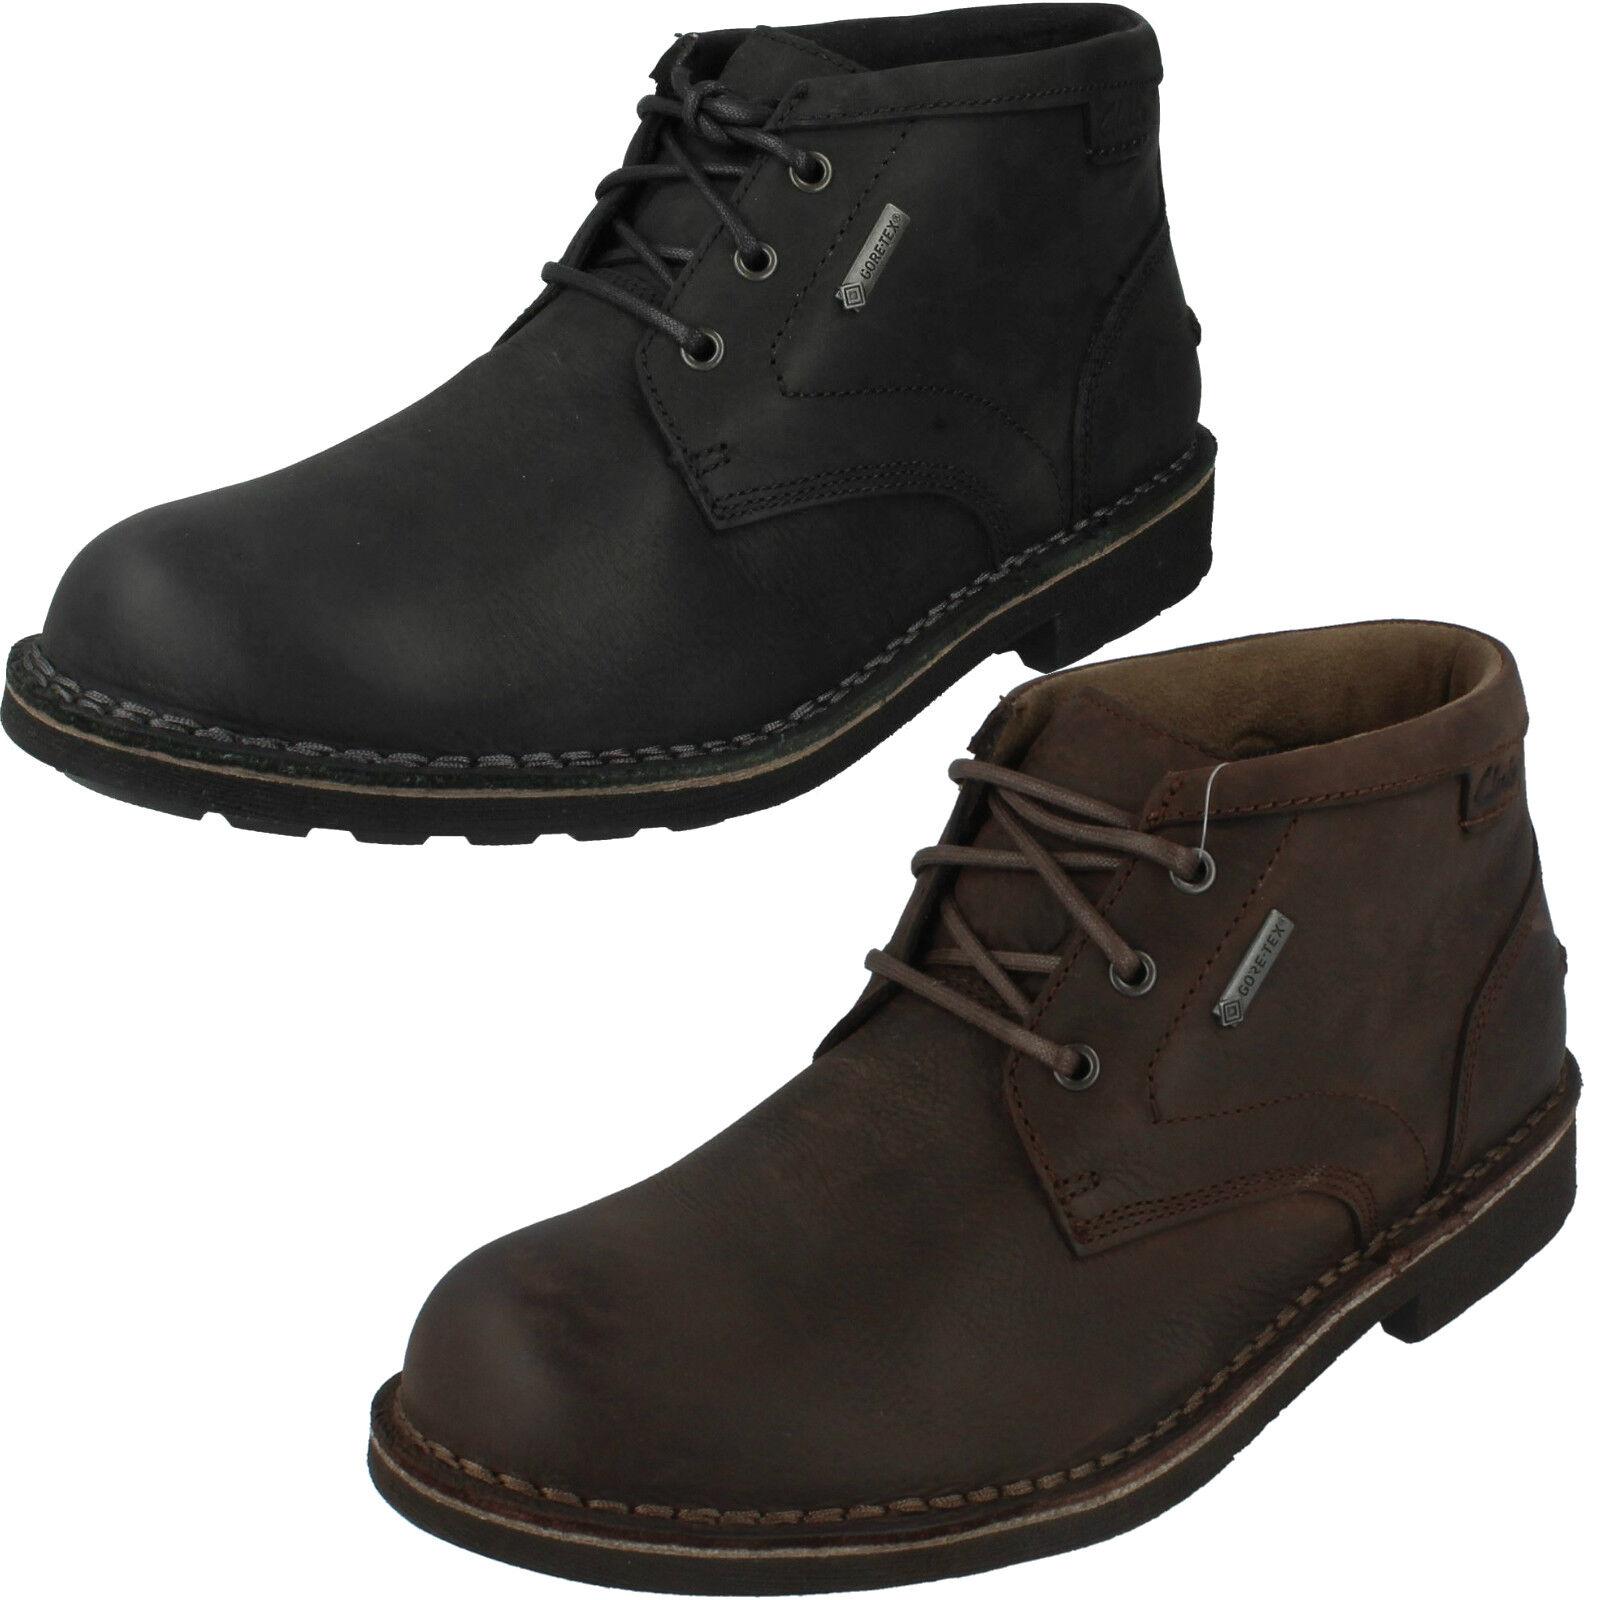 Mens Clarks Leather Lace Up stivali Cotrell  Rise  ordina ora i prezzi più bassi